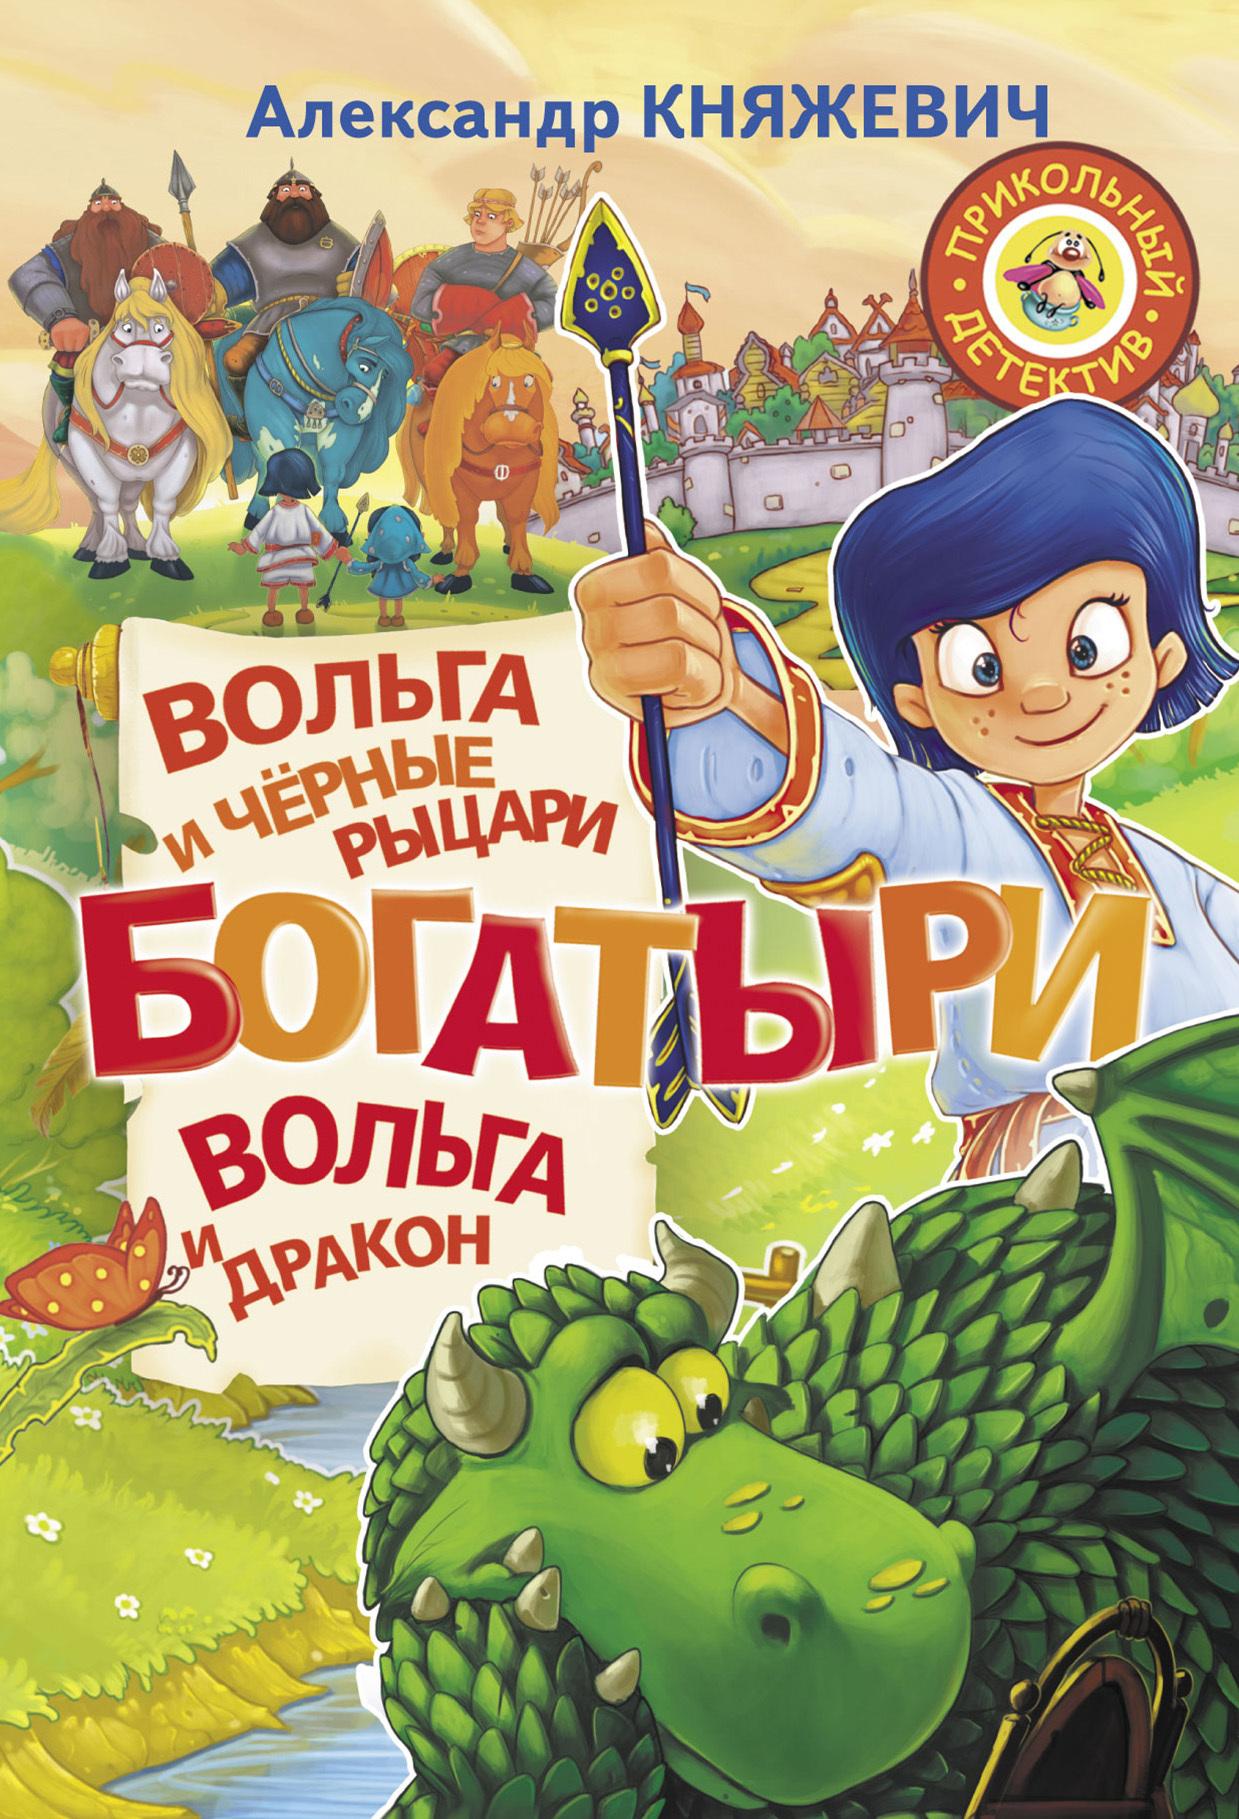 Александр Княжевич - Богатыри. Вольга и чёрные рыцари. Вольга и дракон (сборник)